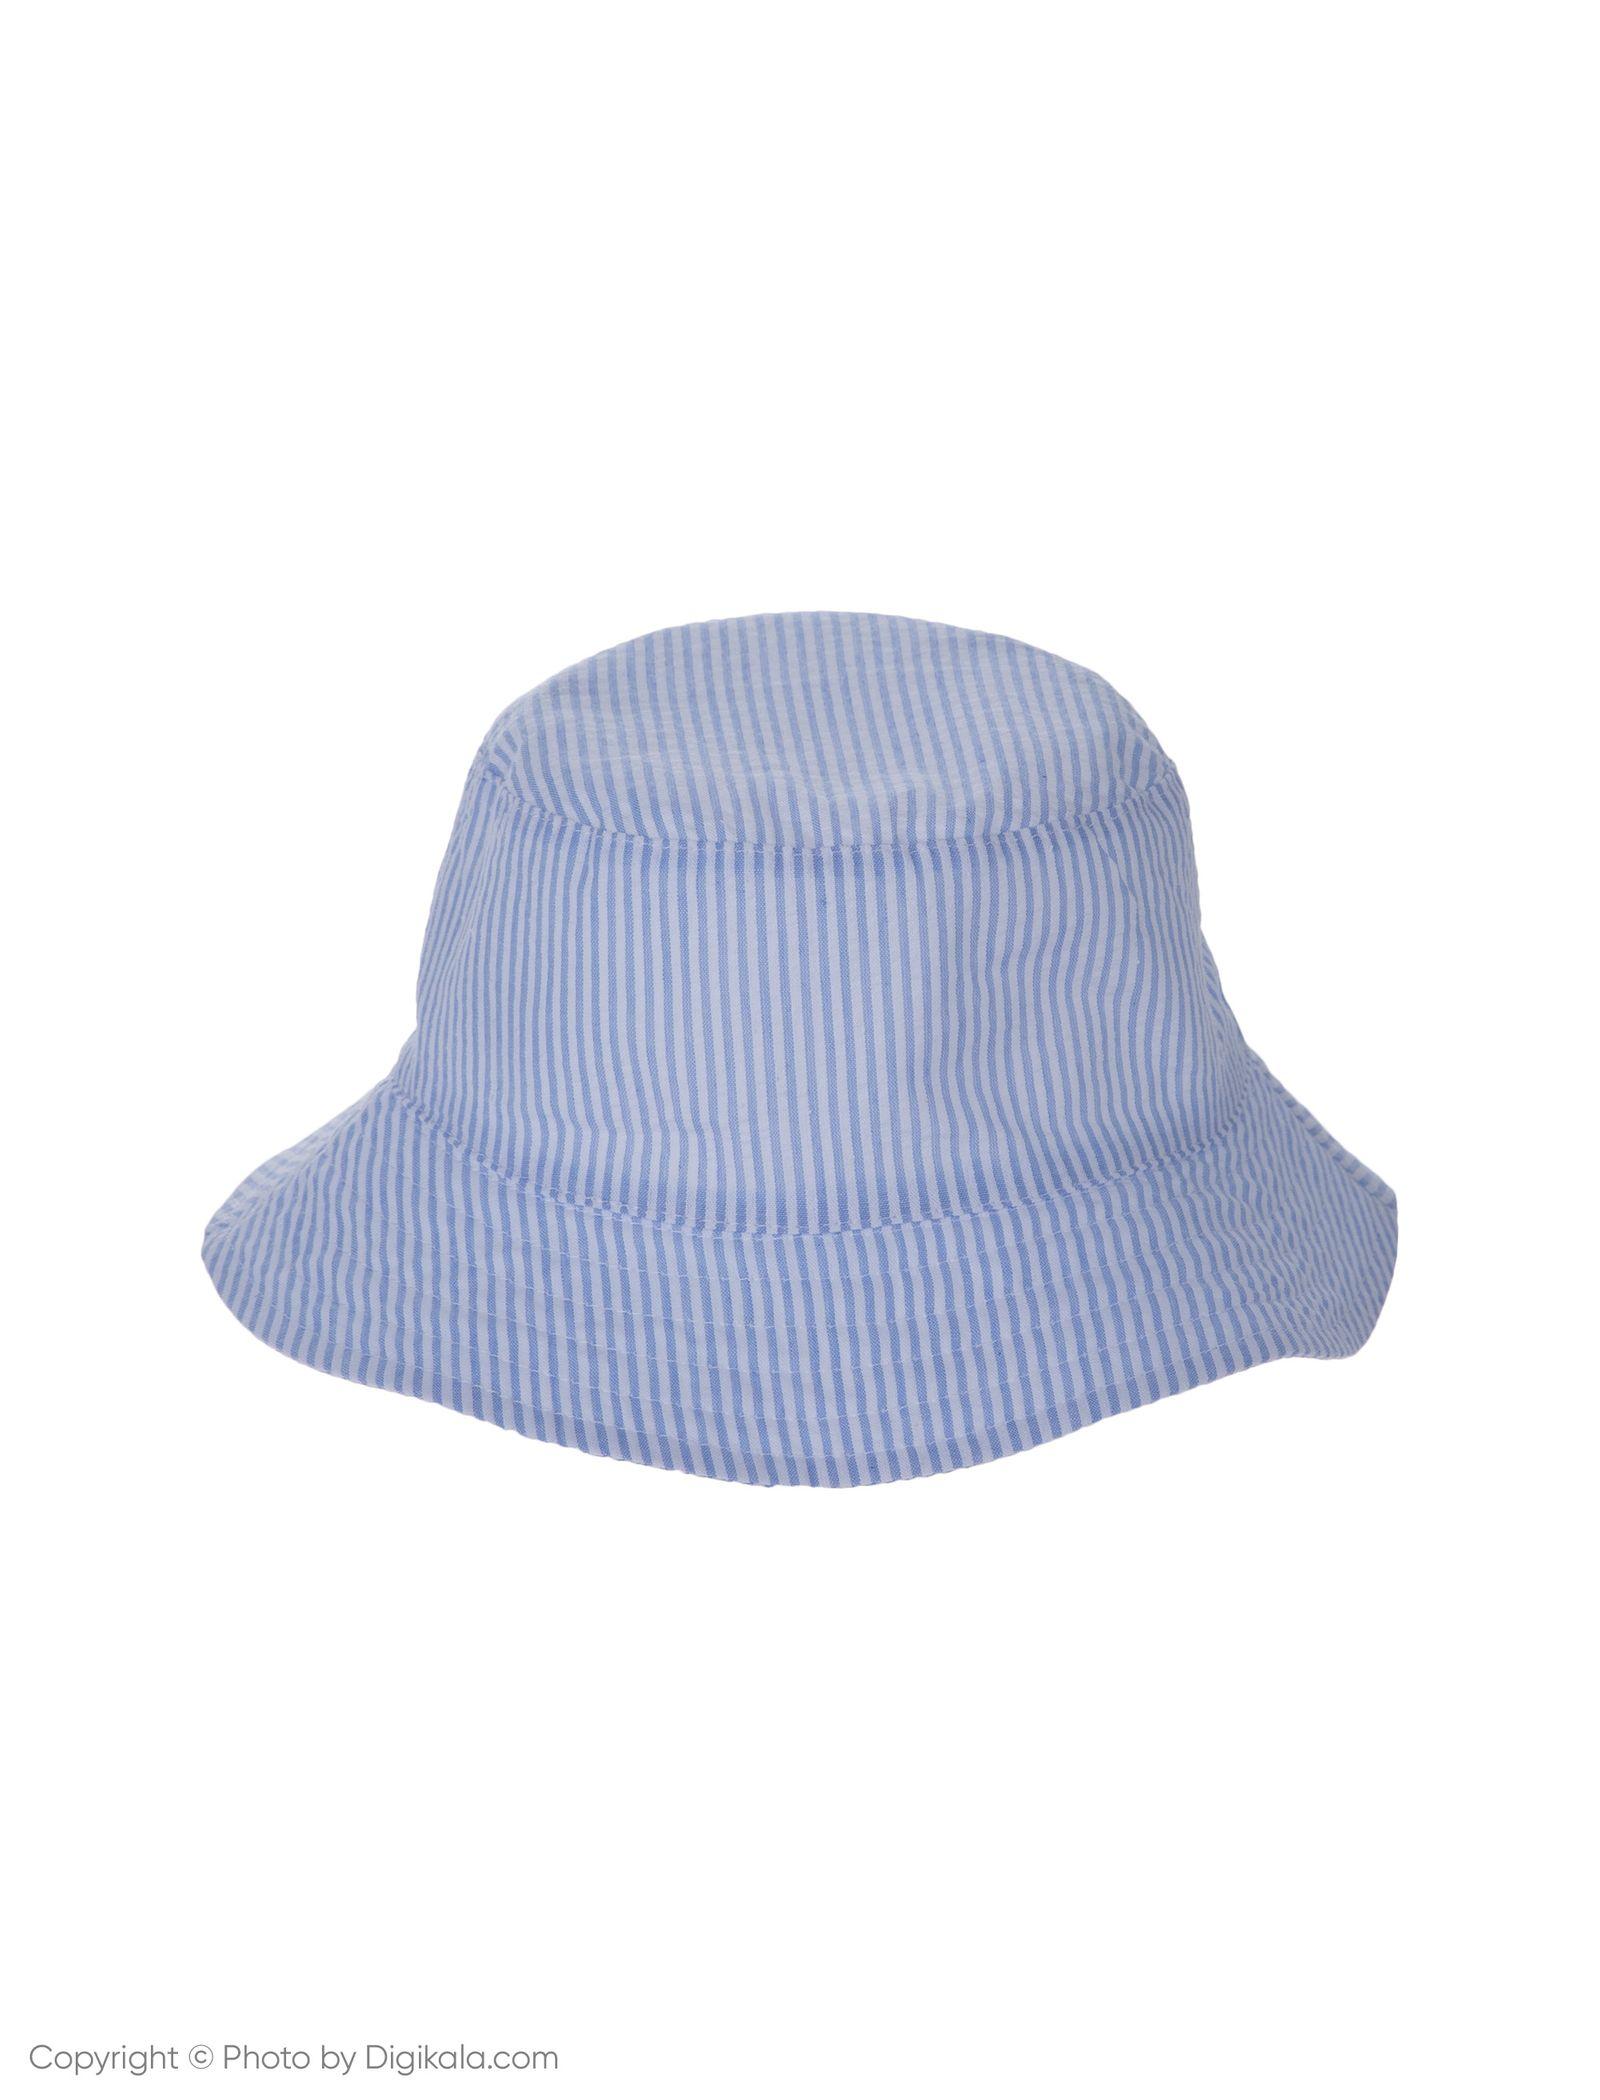 کلاه نخی ساحلی دخترانه - بلوکیدز - سفيد/آبي روشن - 4